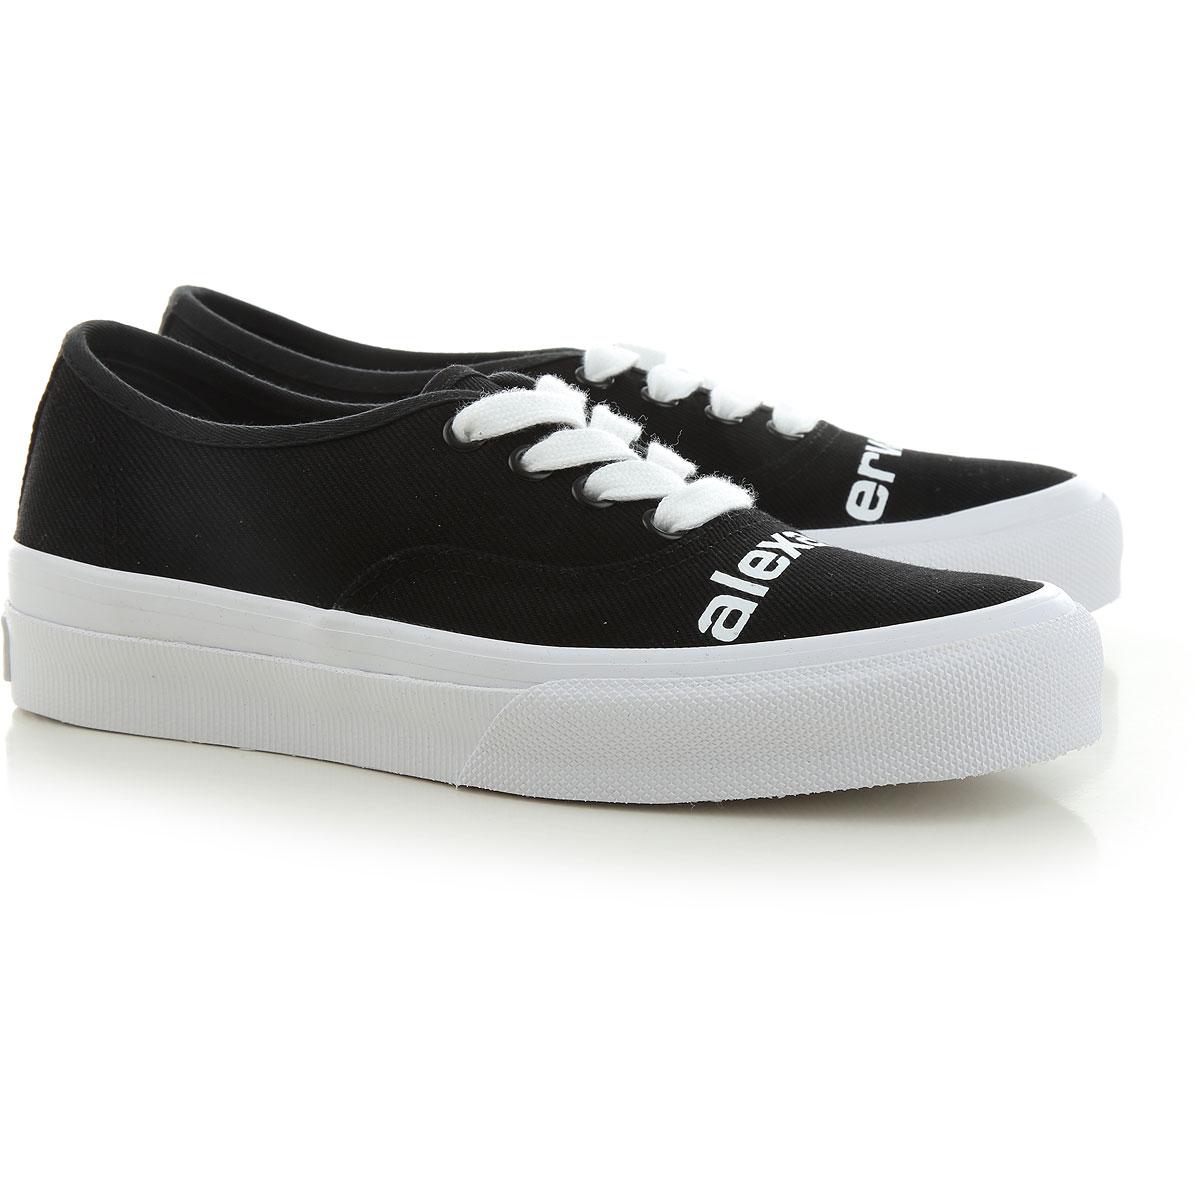 Alexander Wang Sneaker Femme, Noir, Tissu, 2021, 37 38 39 40